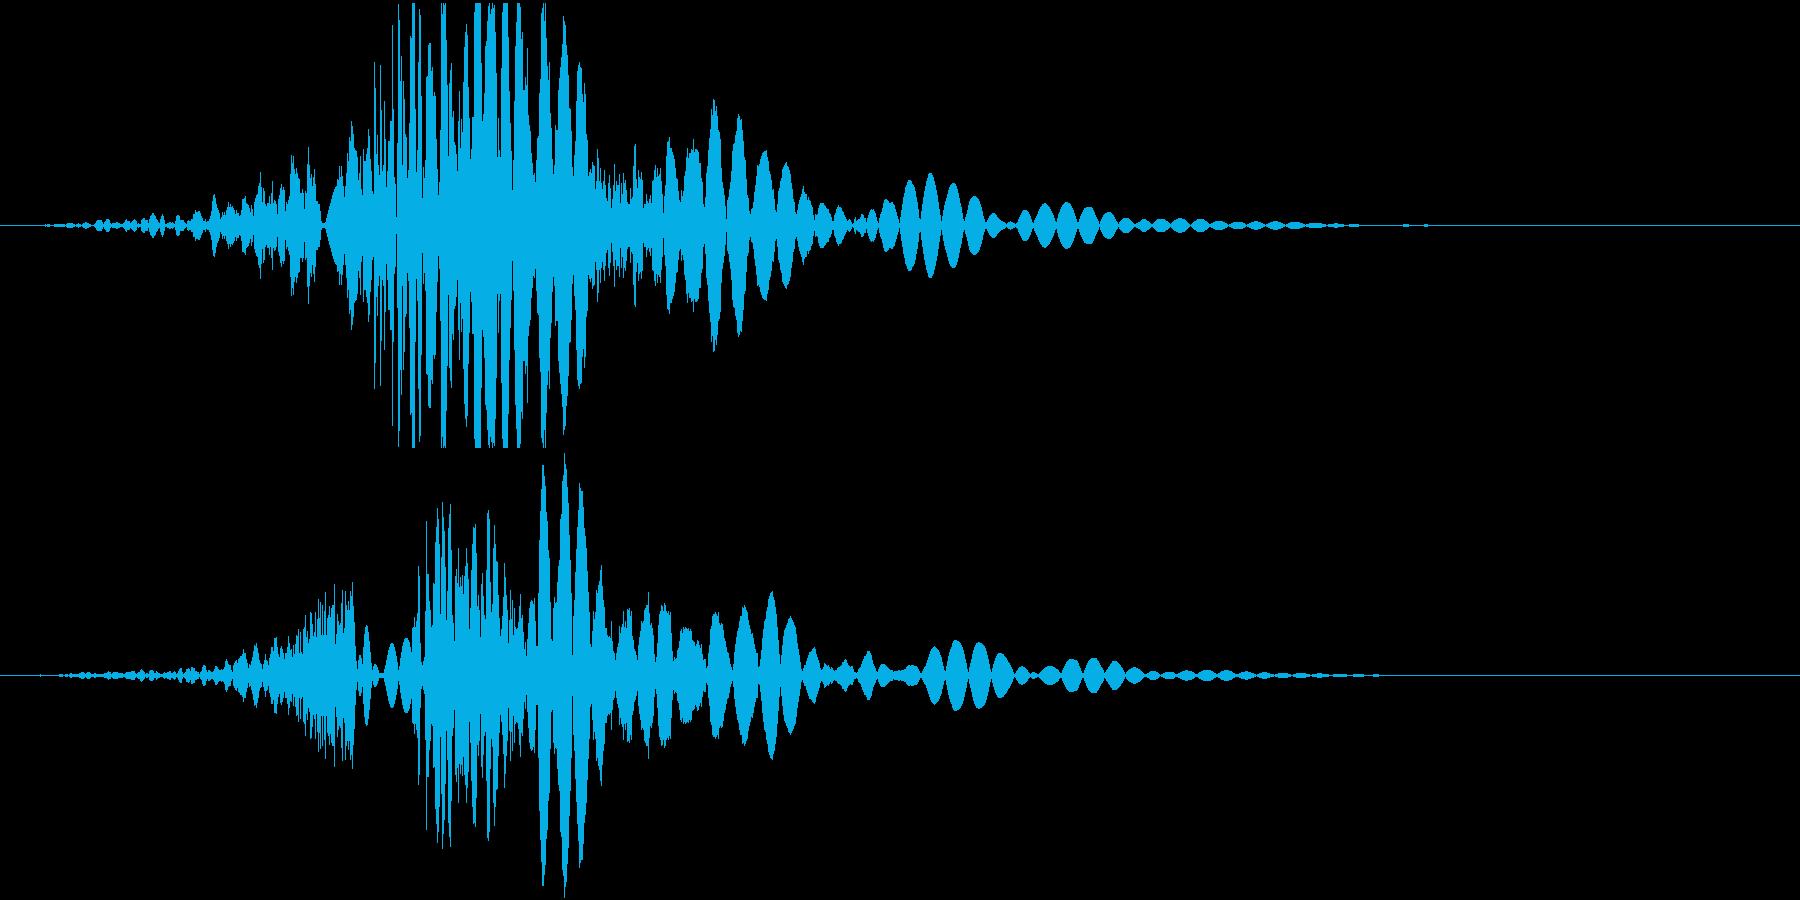 パンチ、8割リアルと2割のディフォルメの再生済みの波形